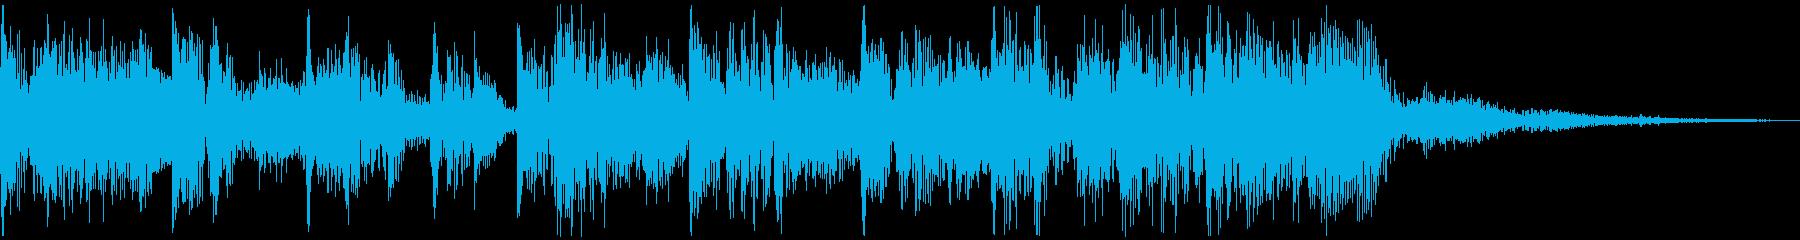 ビートと優しいシンセのジングルAの再生済みの波形